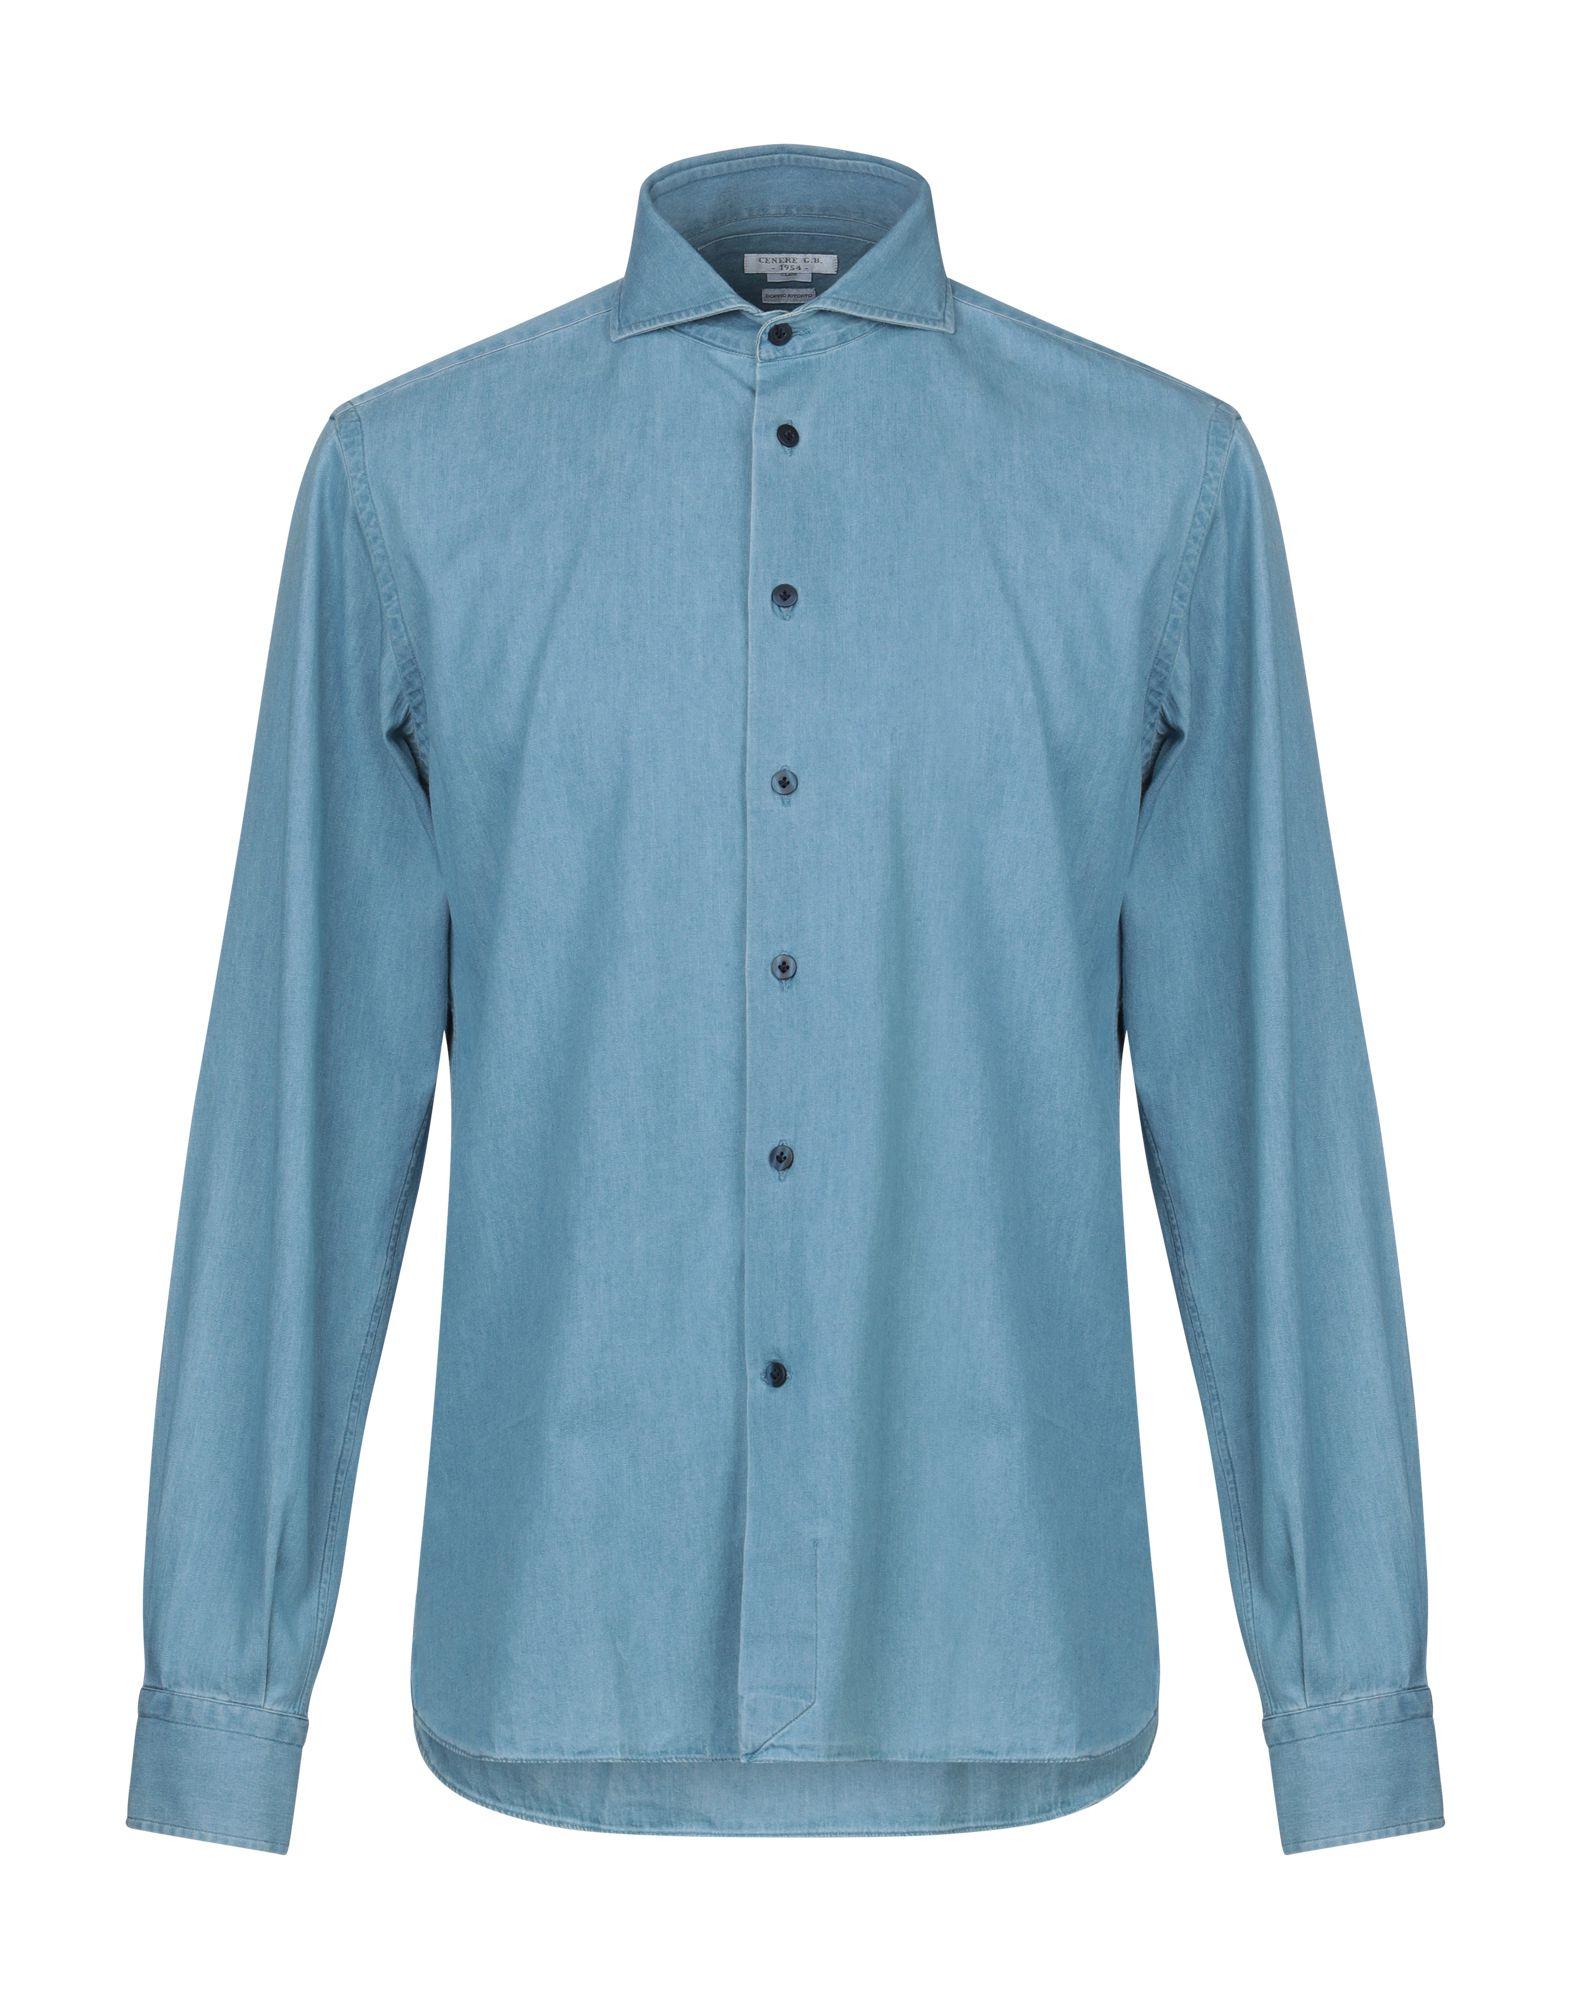 《期間限定セール中》G.B. CENERE メンズ デニムシャツ ブルー 42 コットン